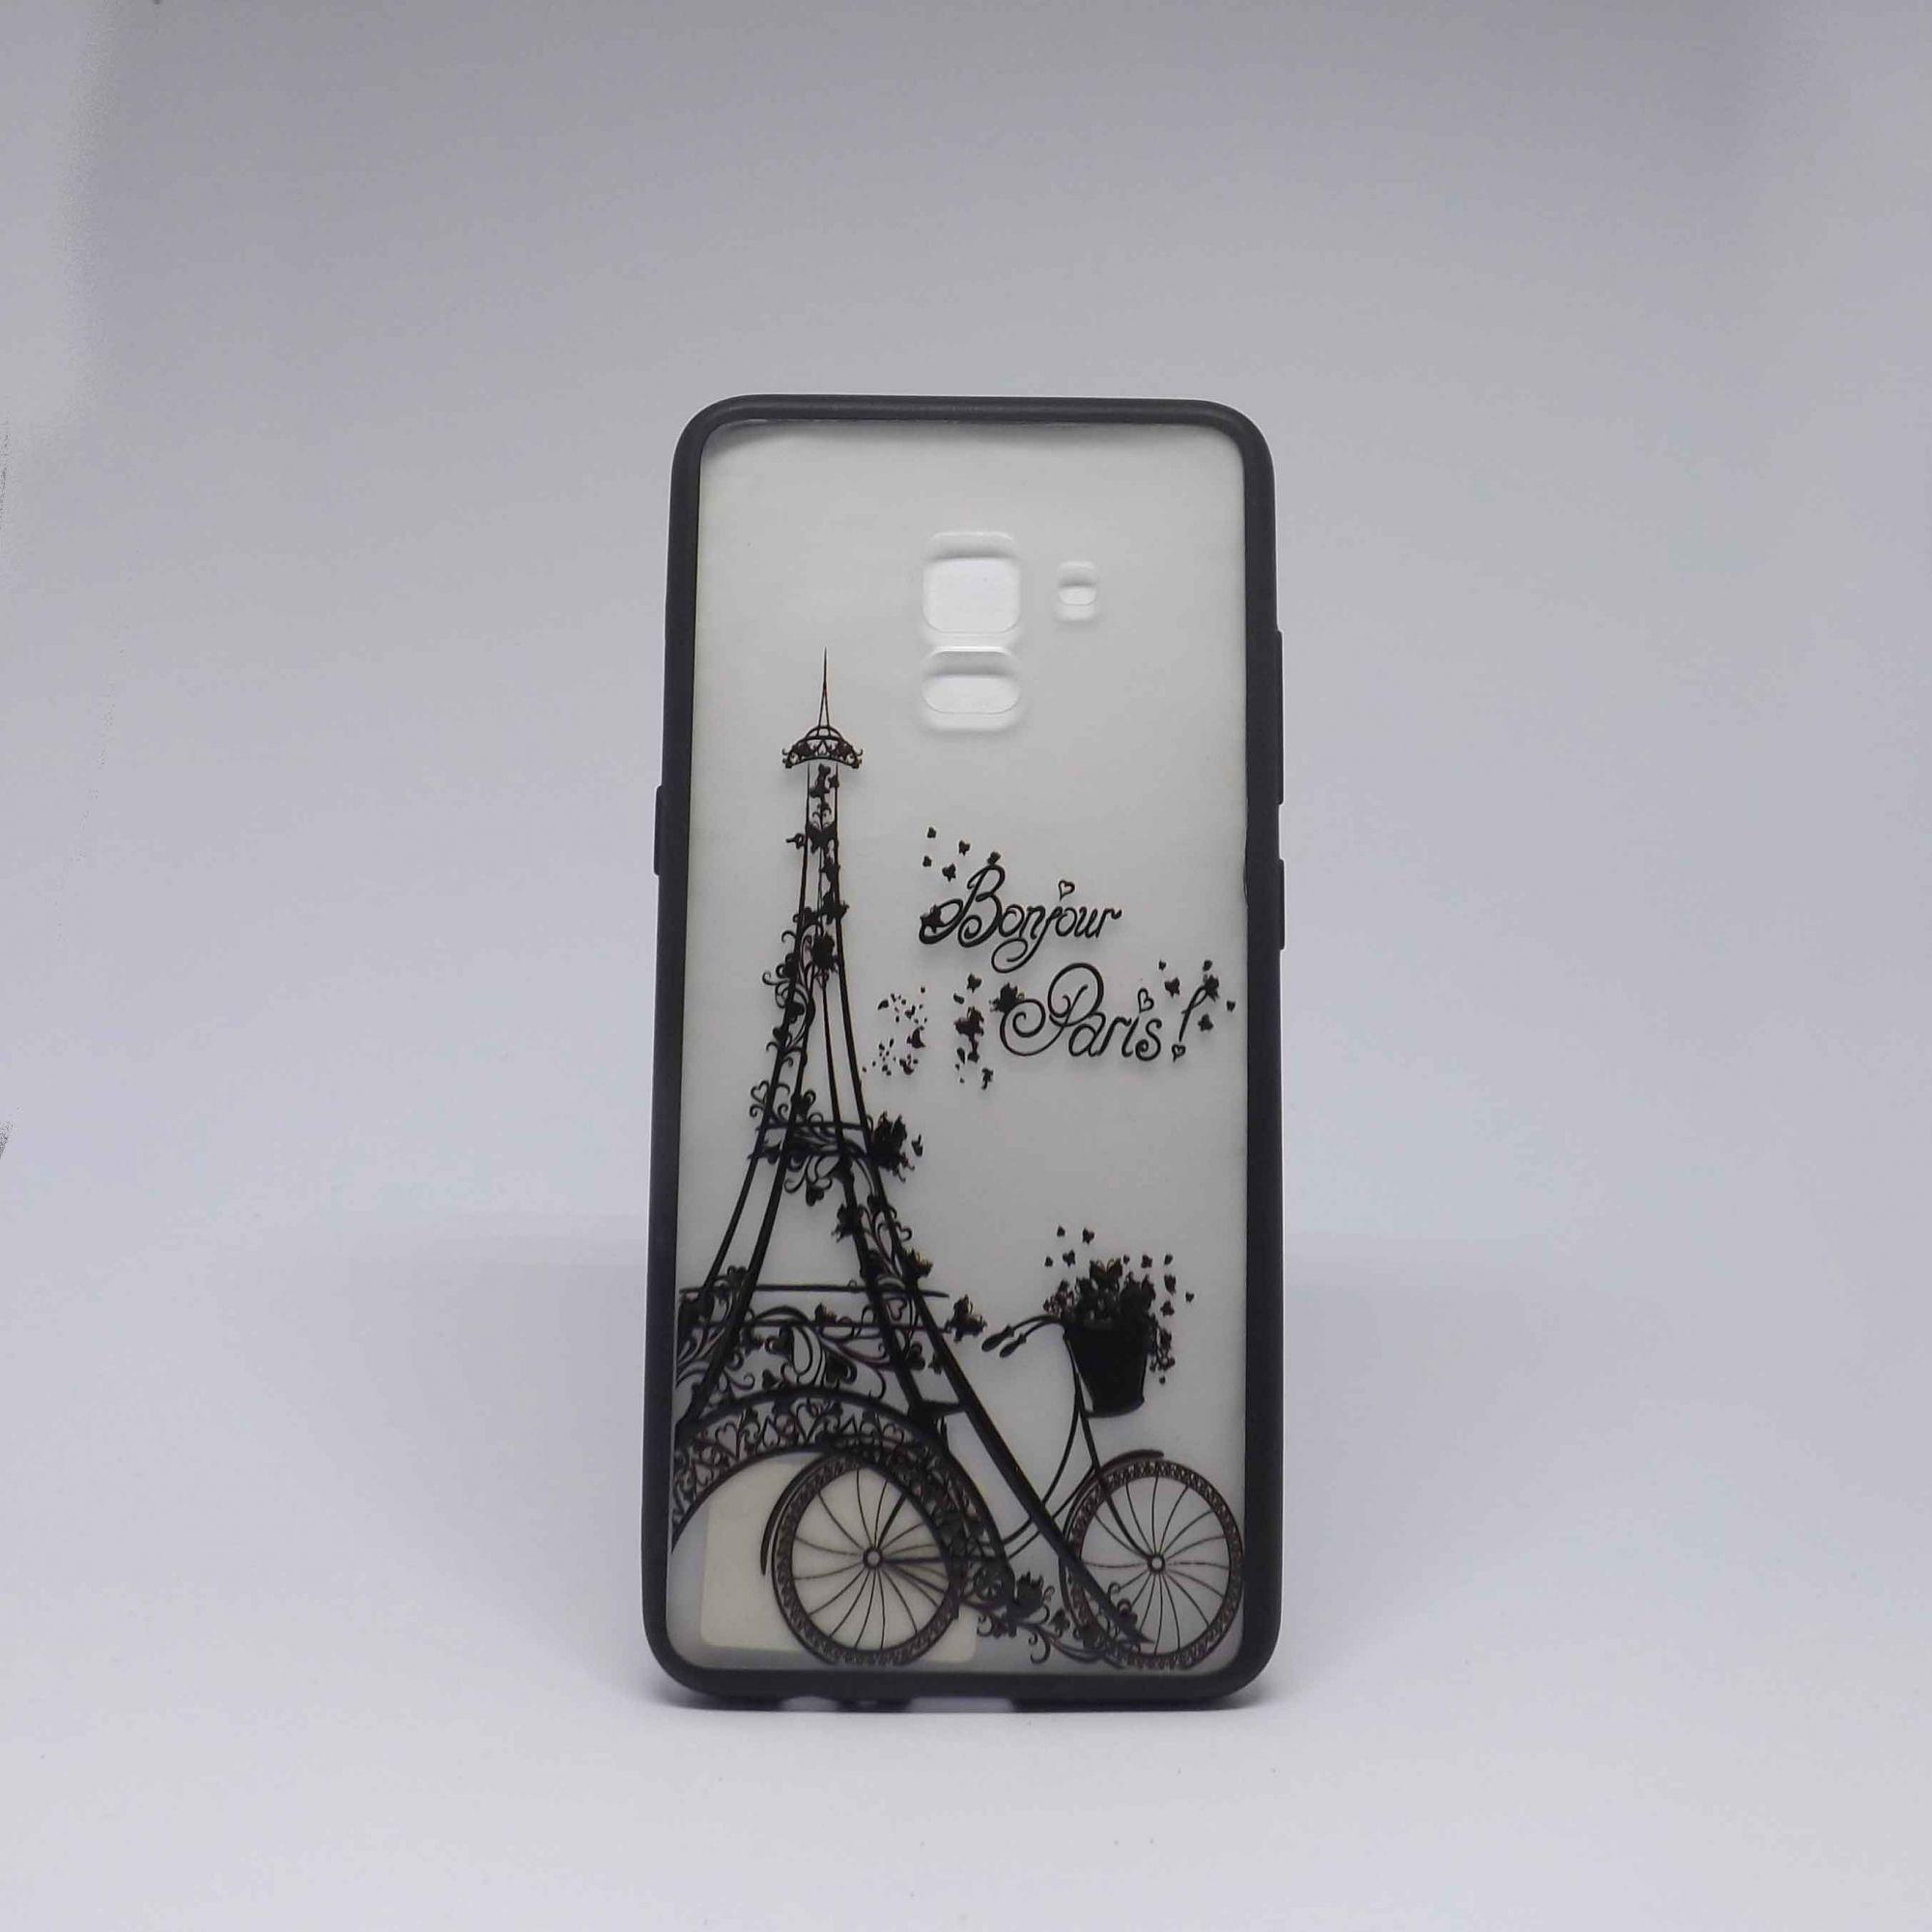 Capa Samsung Galaxy A8 Plus Acrílico Estampado